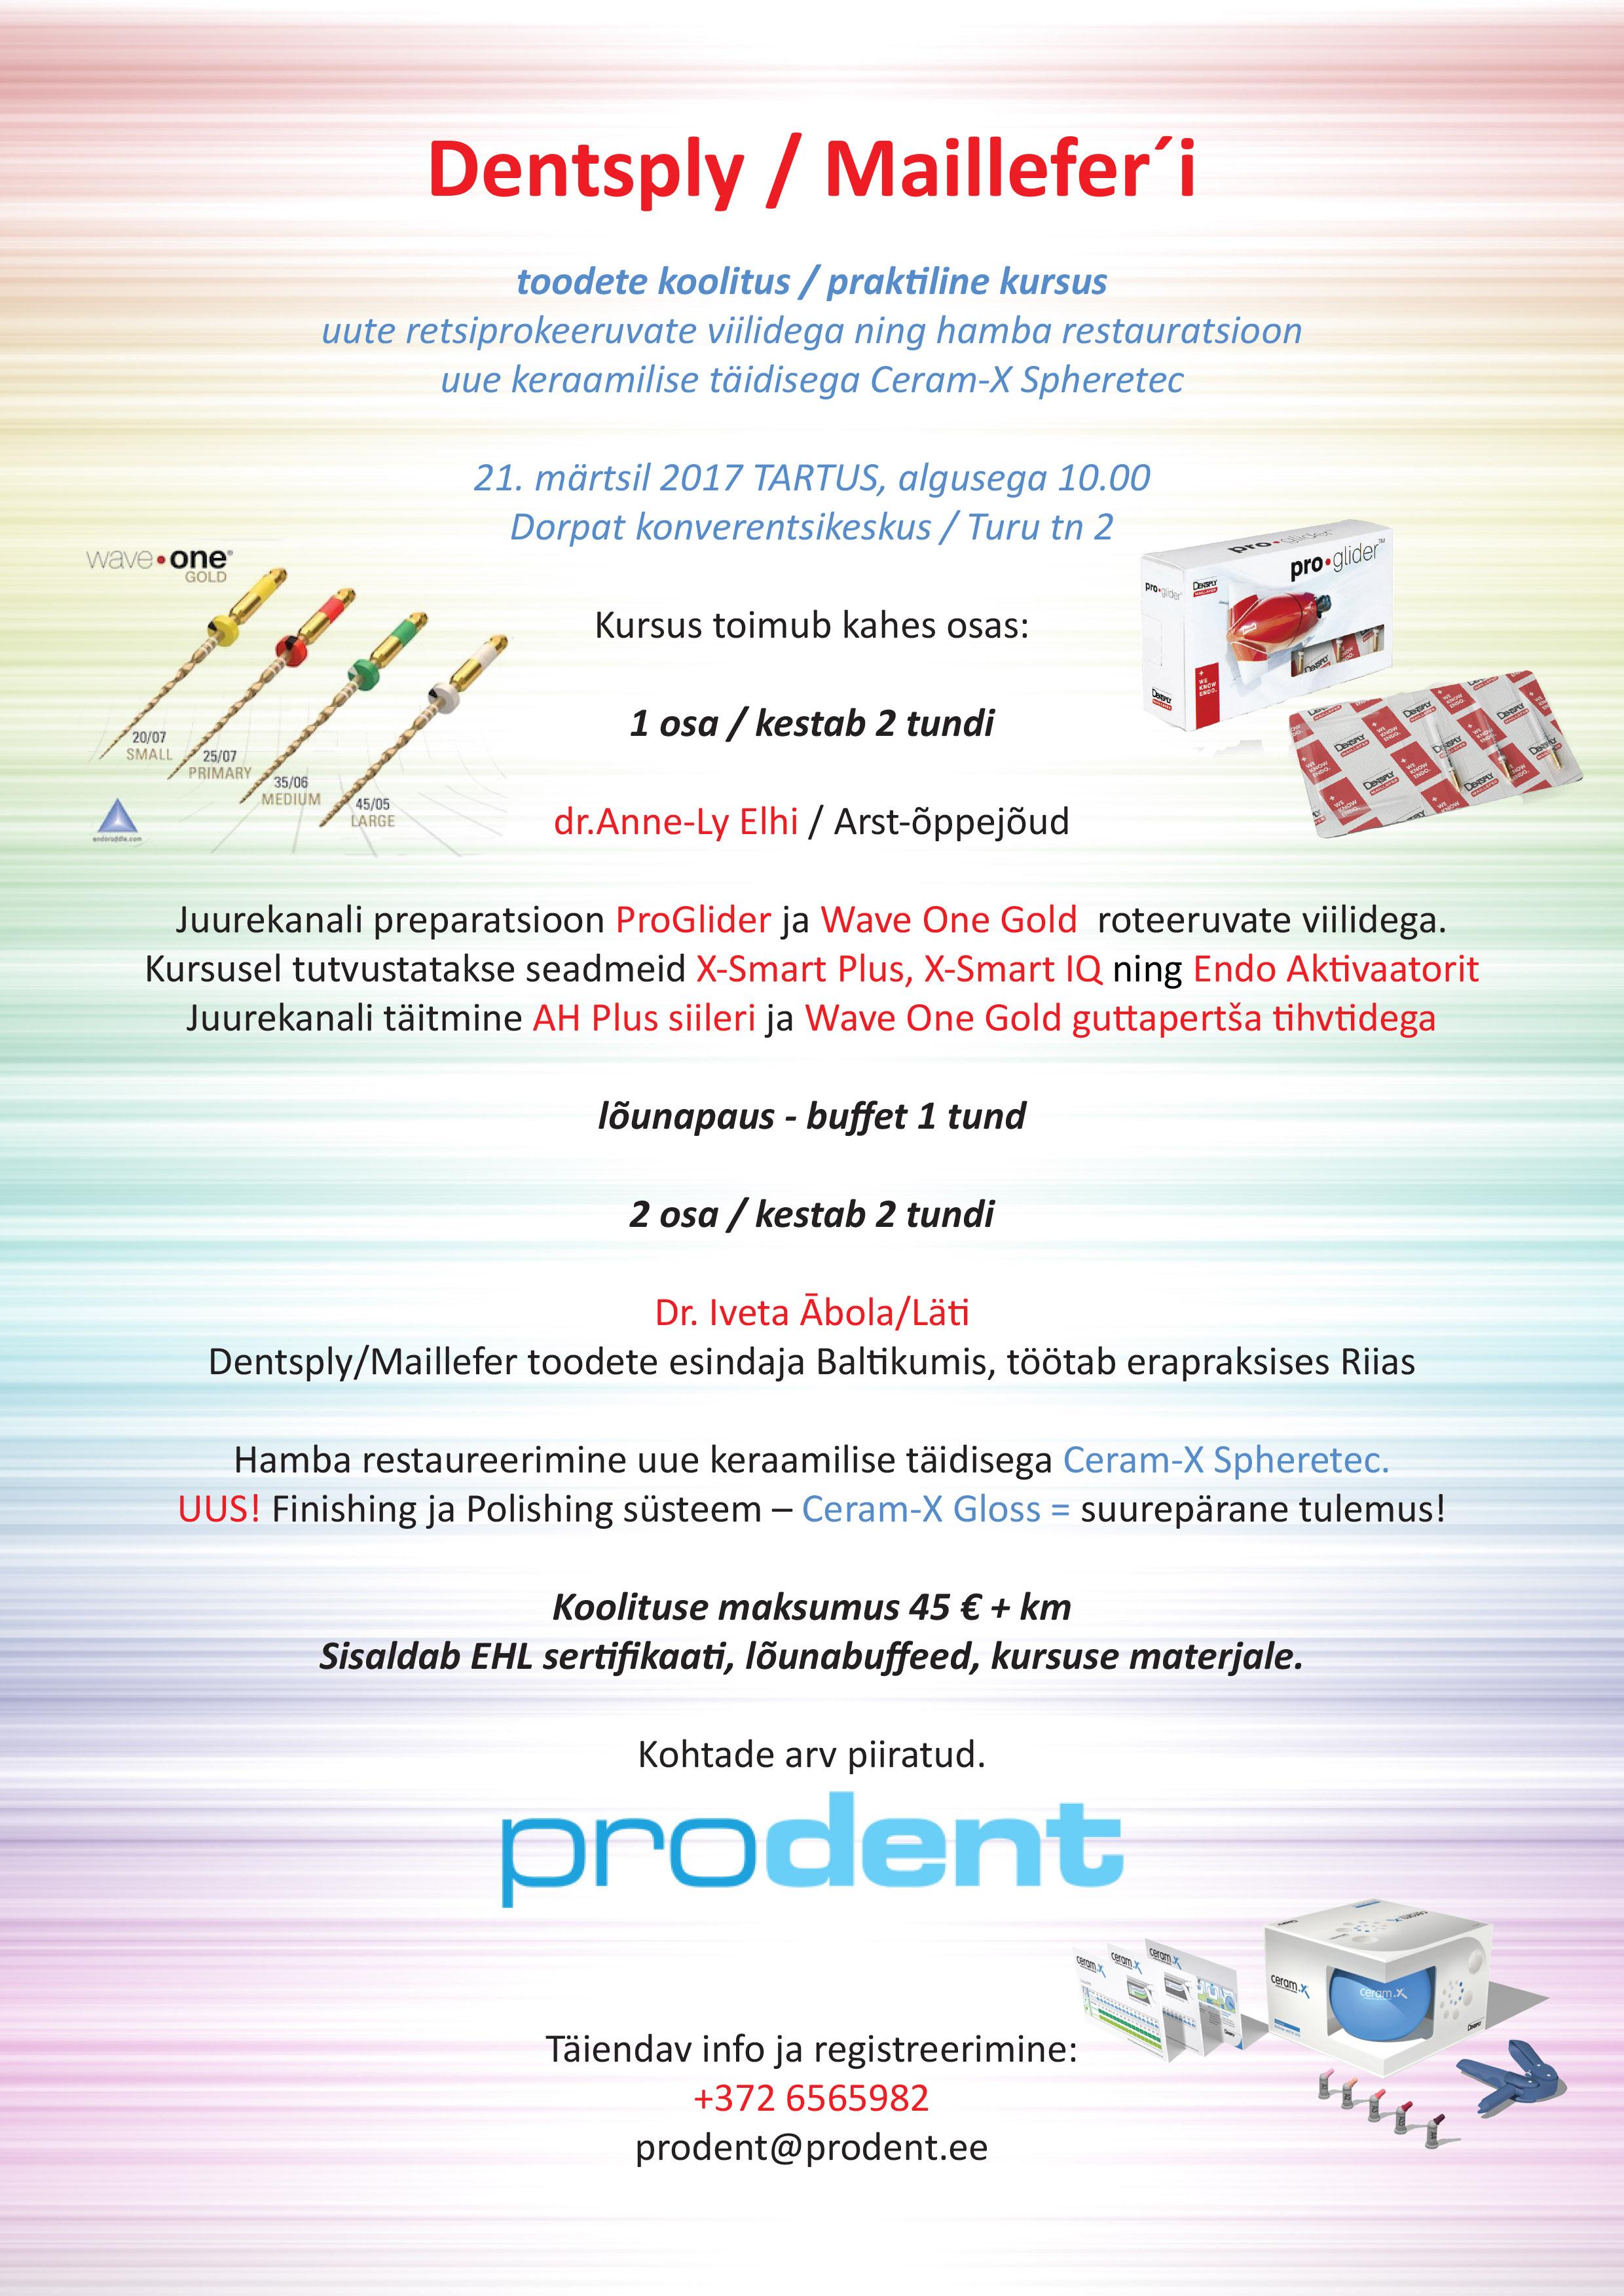 Dentsply / Maillefer'i toodete koolitus /praktiline kursus 21.märtsil 2017 TARTUS